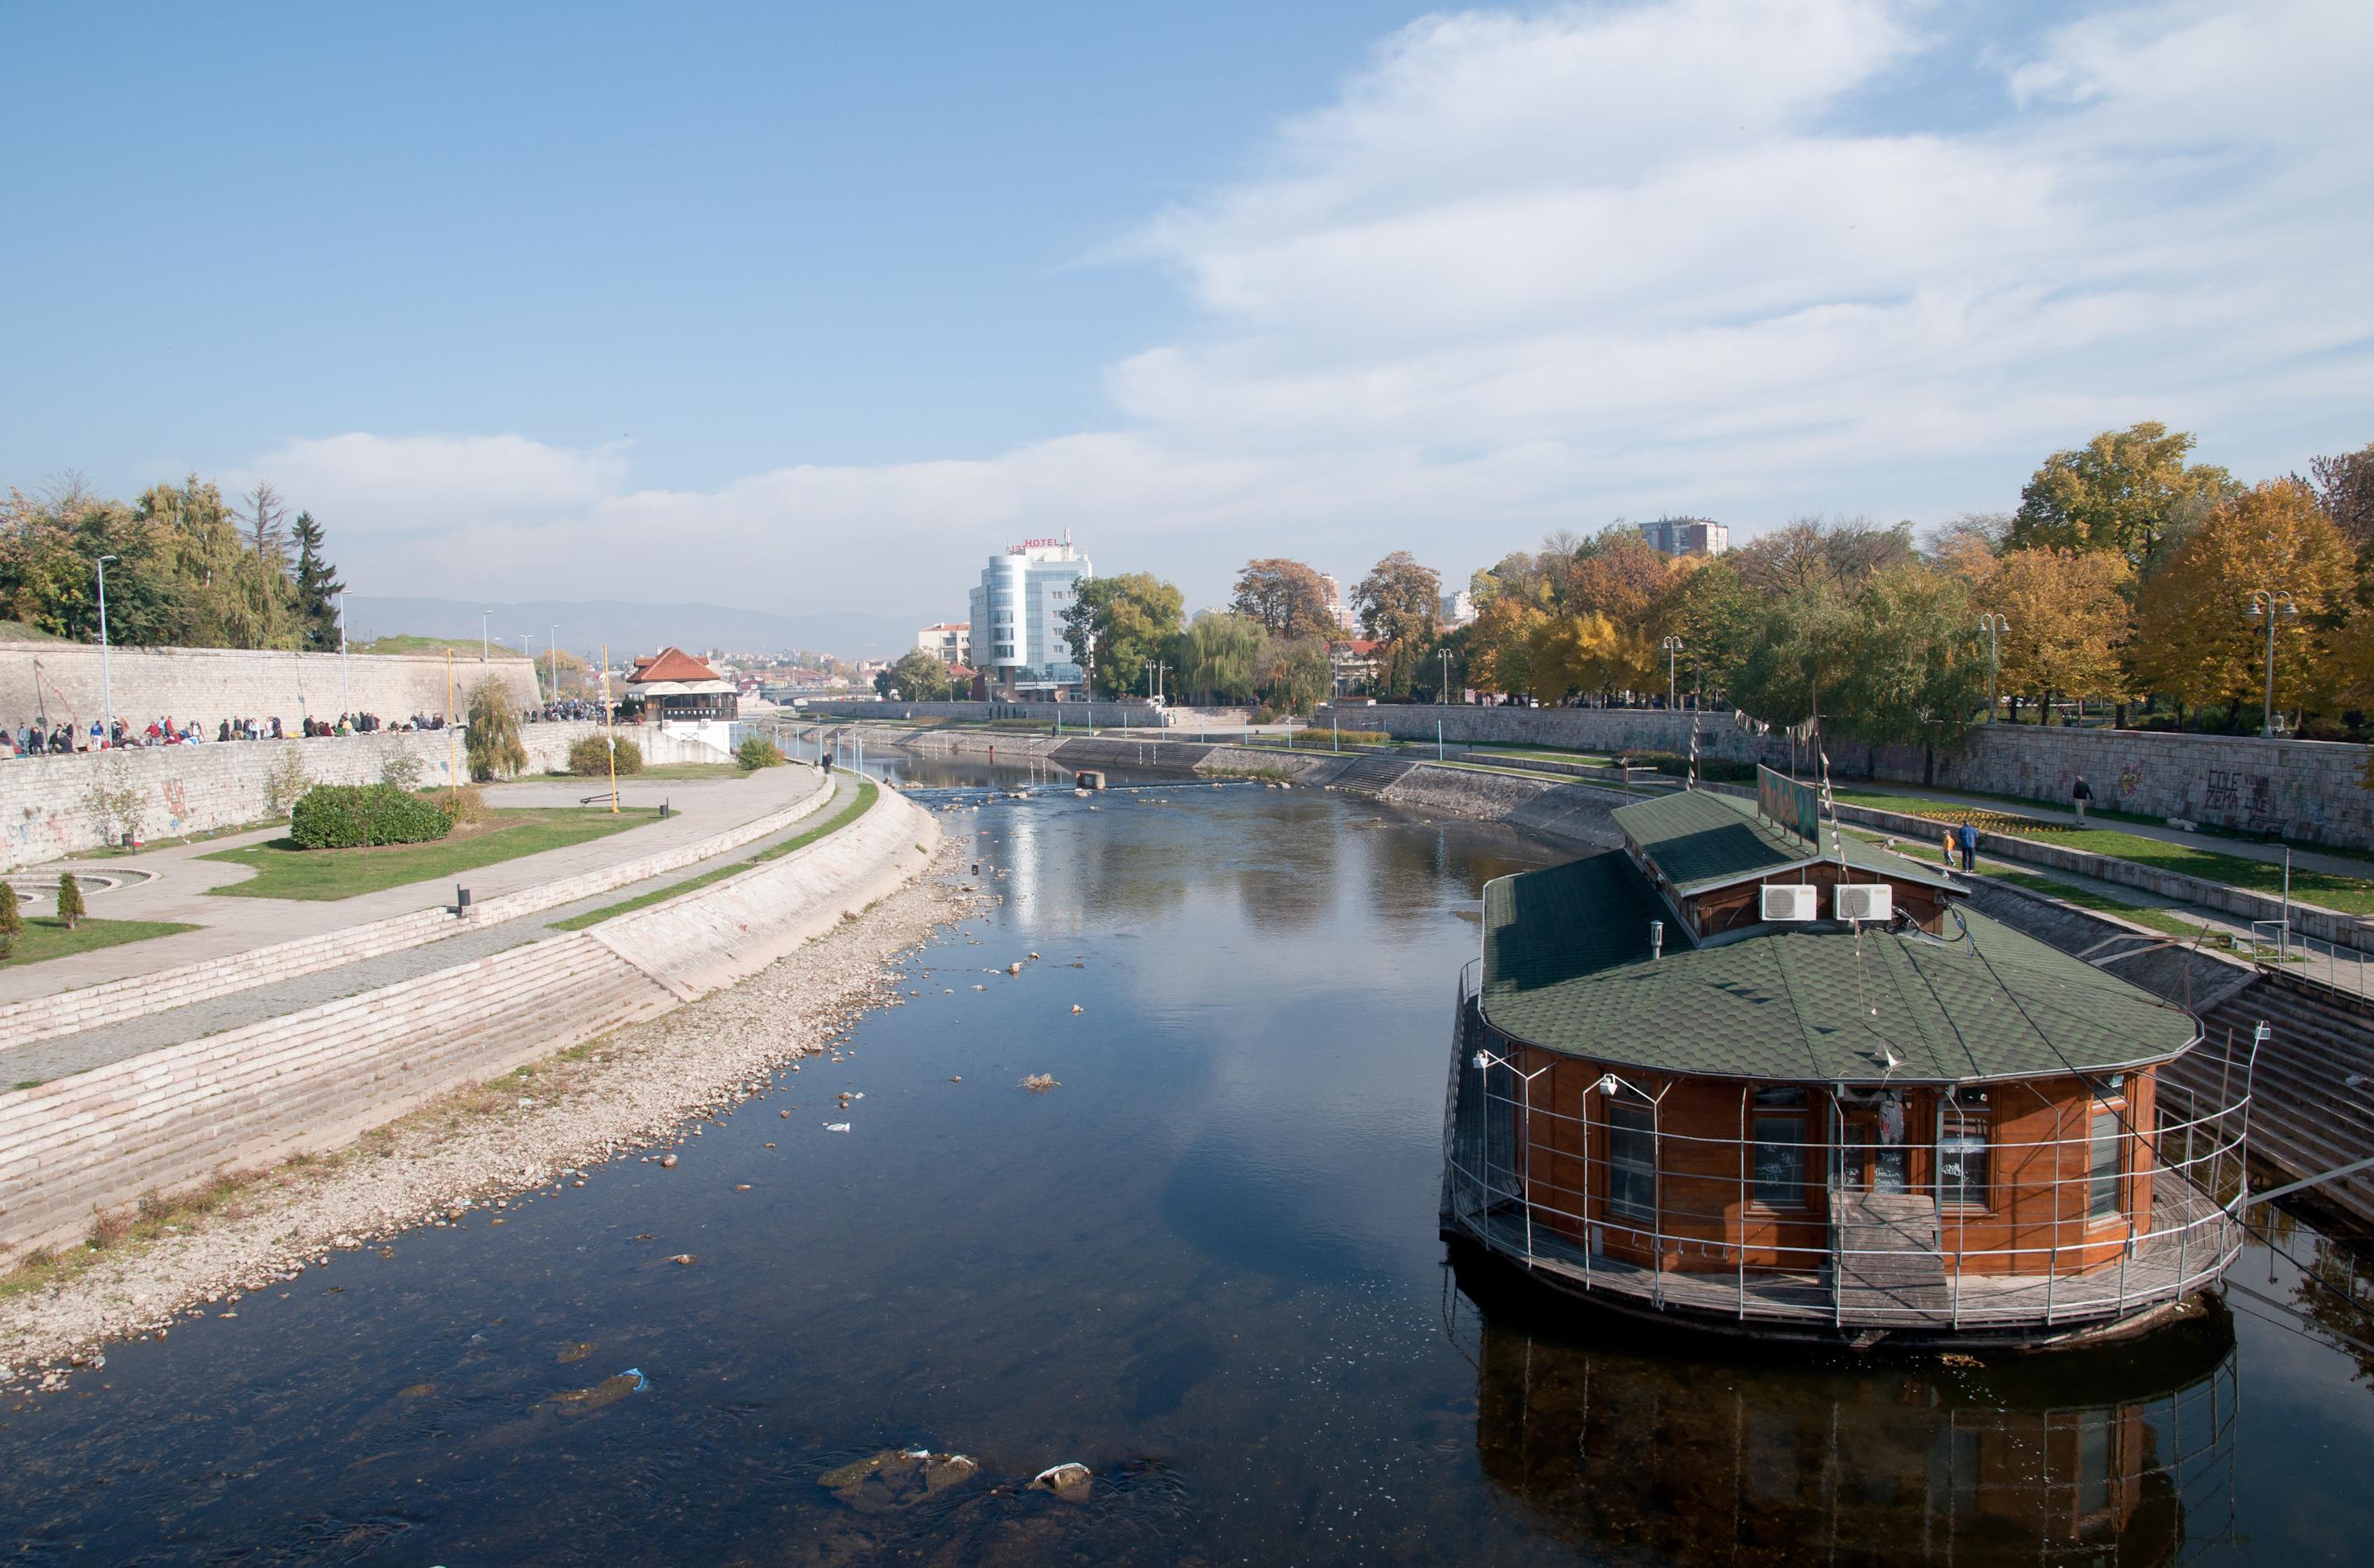 Nišava Ni%C5%A1ava_River,_Ni%C5%A1,_Serbia